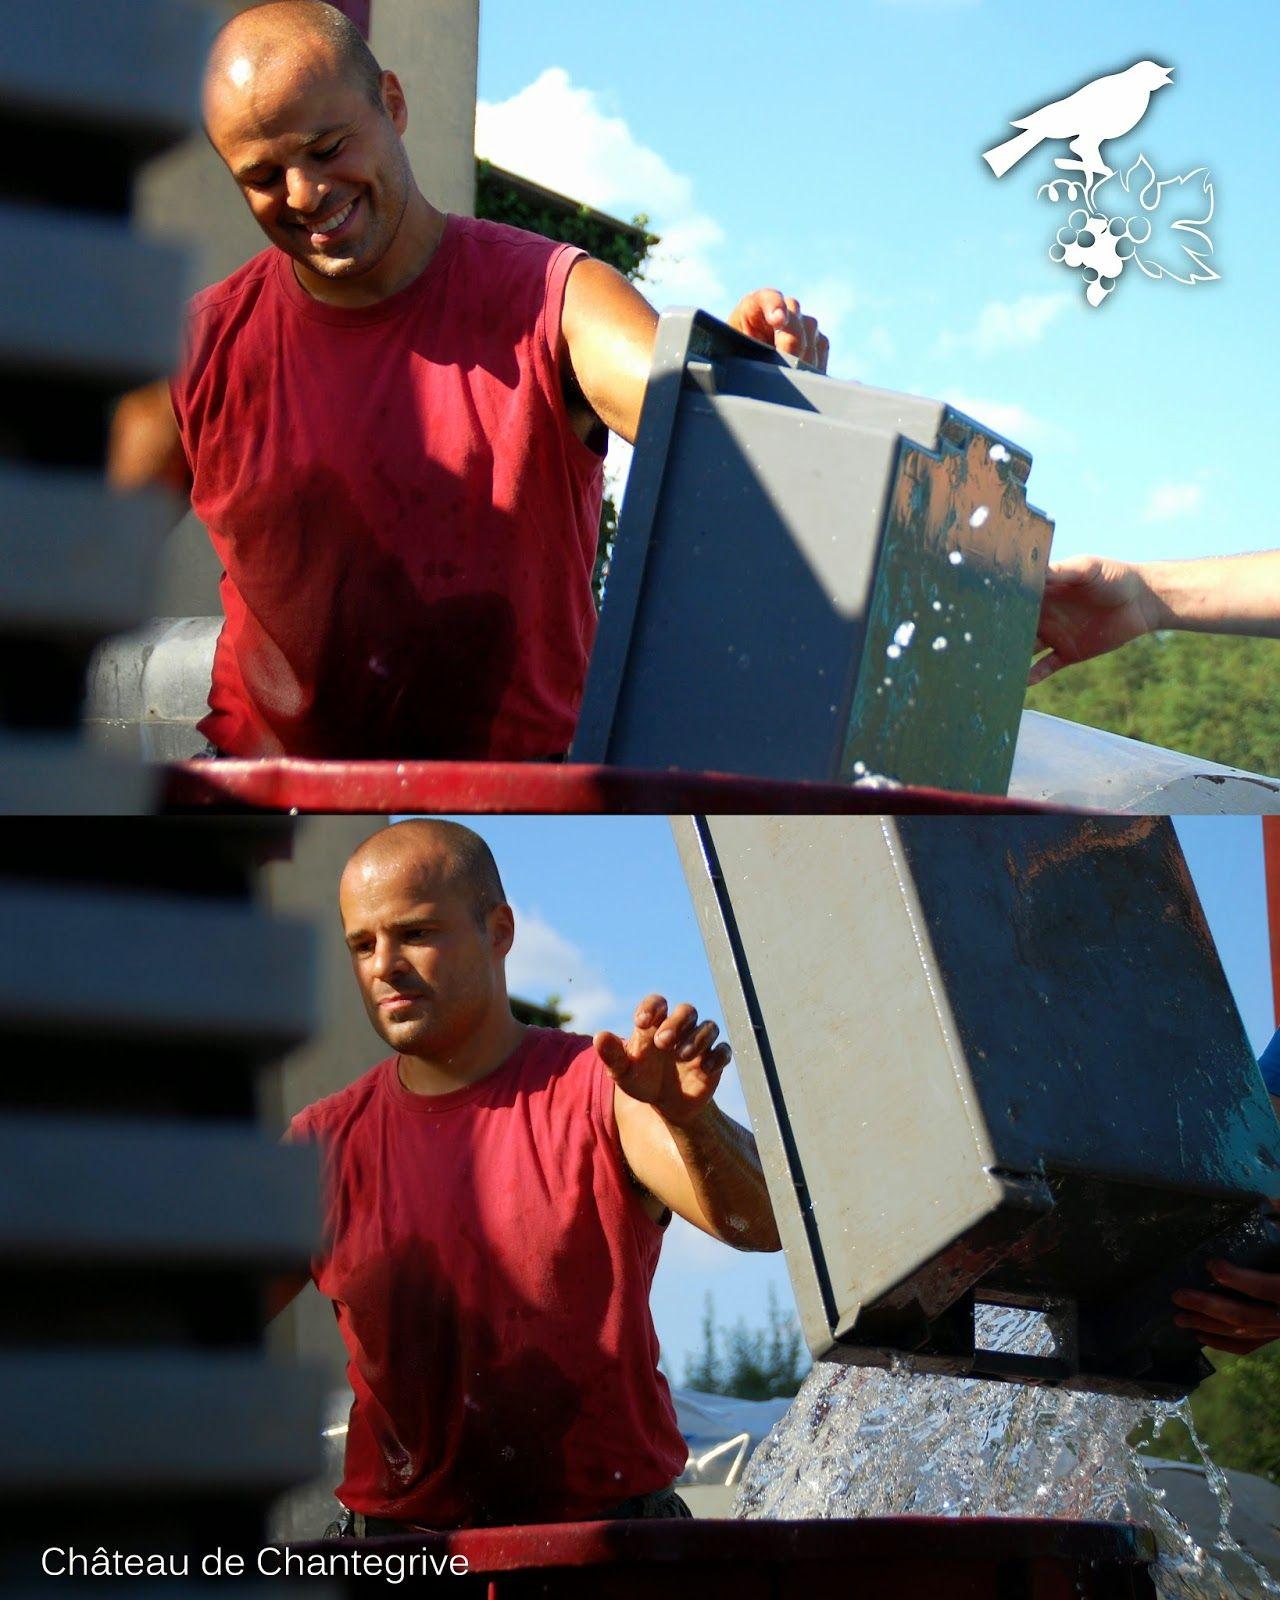 De la vigne au chai - reportage photo ! Chantegrive - harvest . boxes